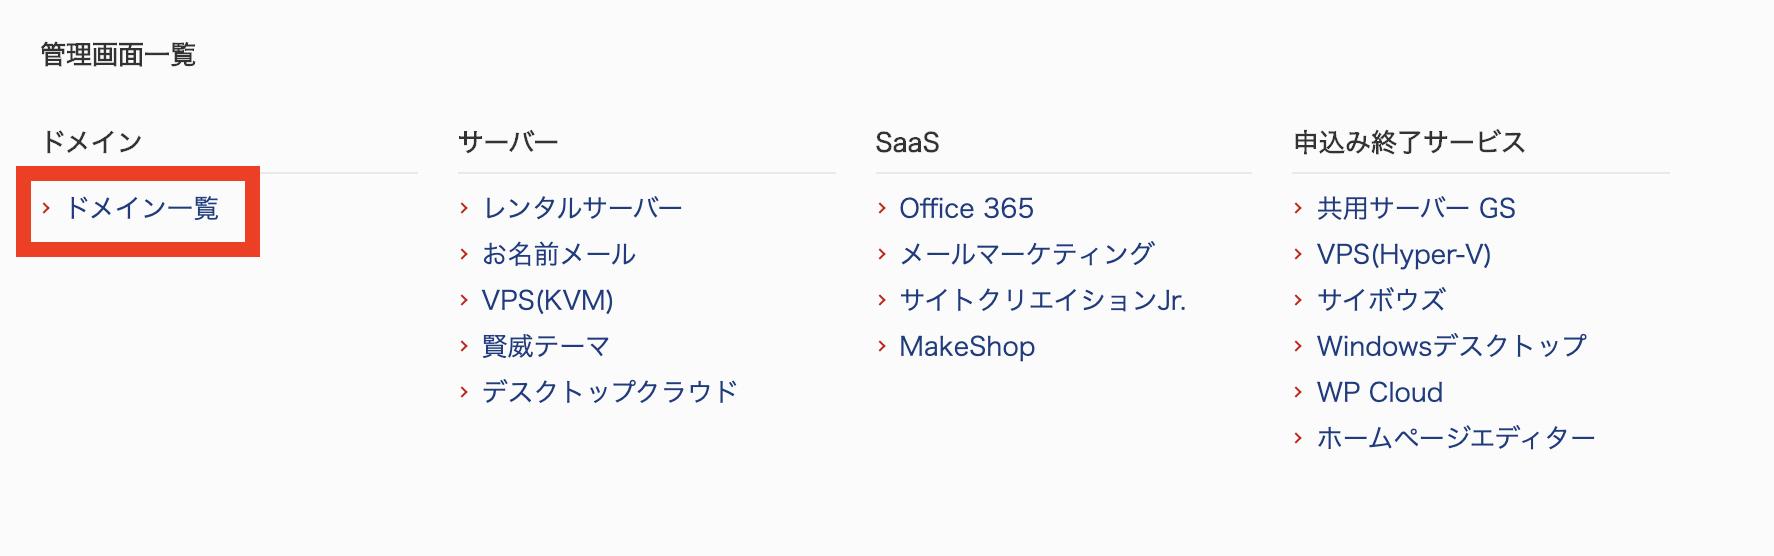 スクリーンショット 2020-05-07 1.02.52